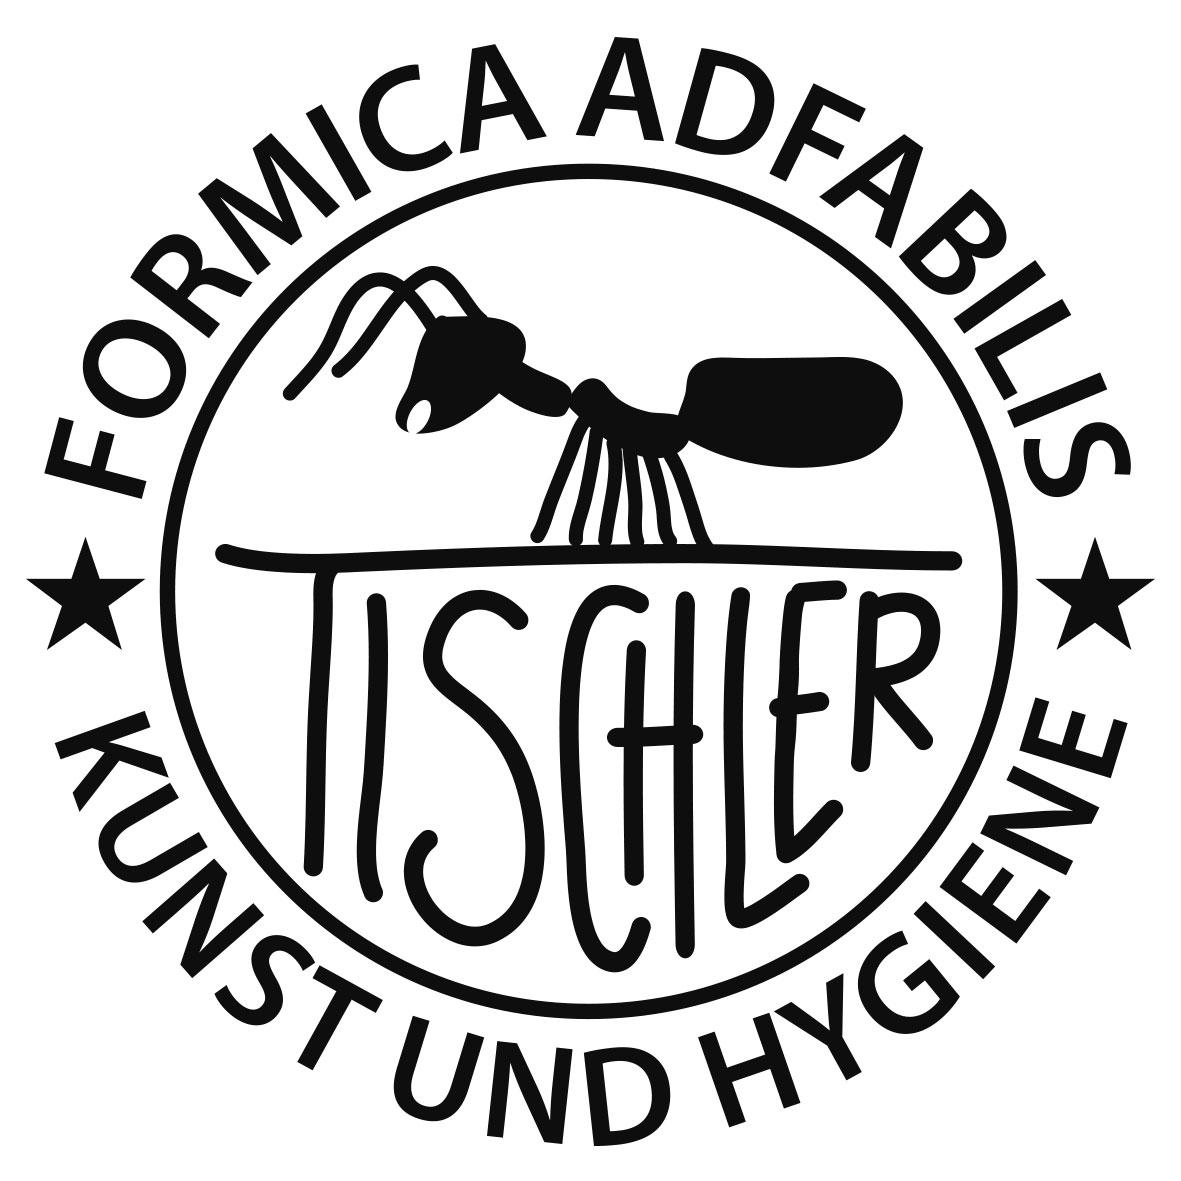 Peter Tischler - Kunst und Hygiene